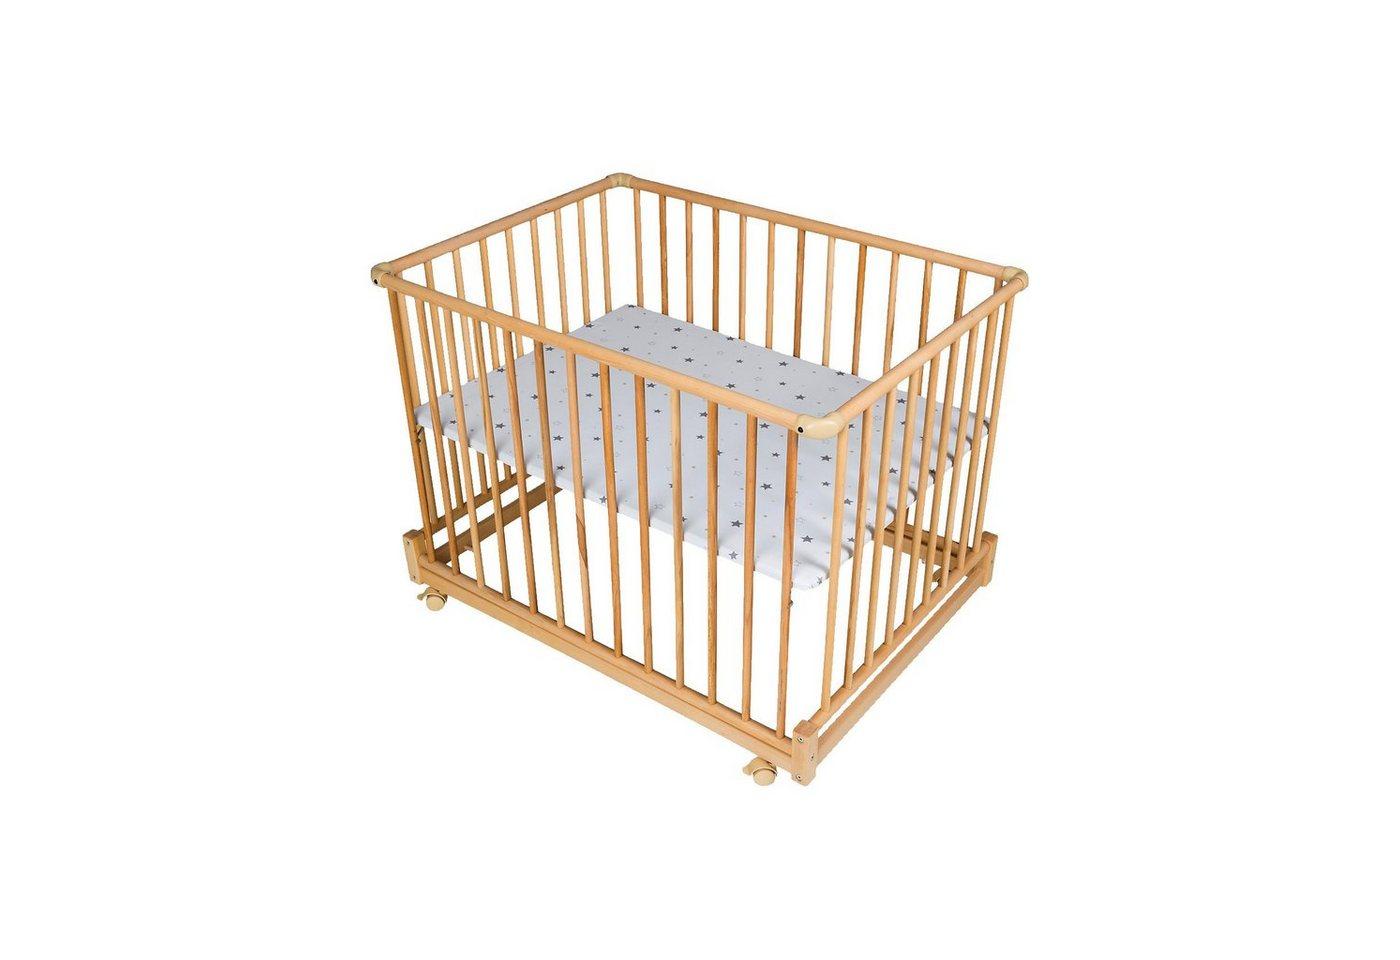 Schardt Laufgitter Komfort 75 x 100 cm, Buche massiv geölt, Motiv St | Kinderzimmer > Babymöbel > Lauf- & Schutzgitter | Braun | Schardt